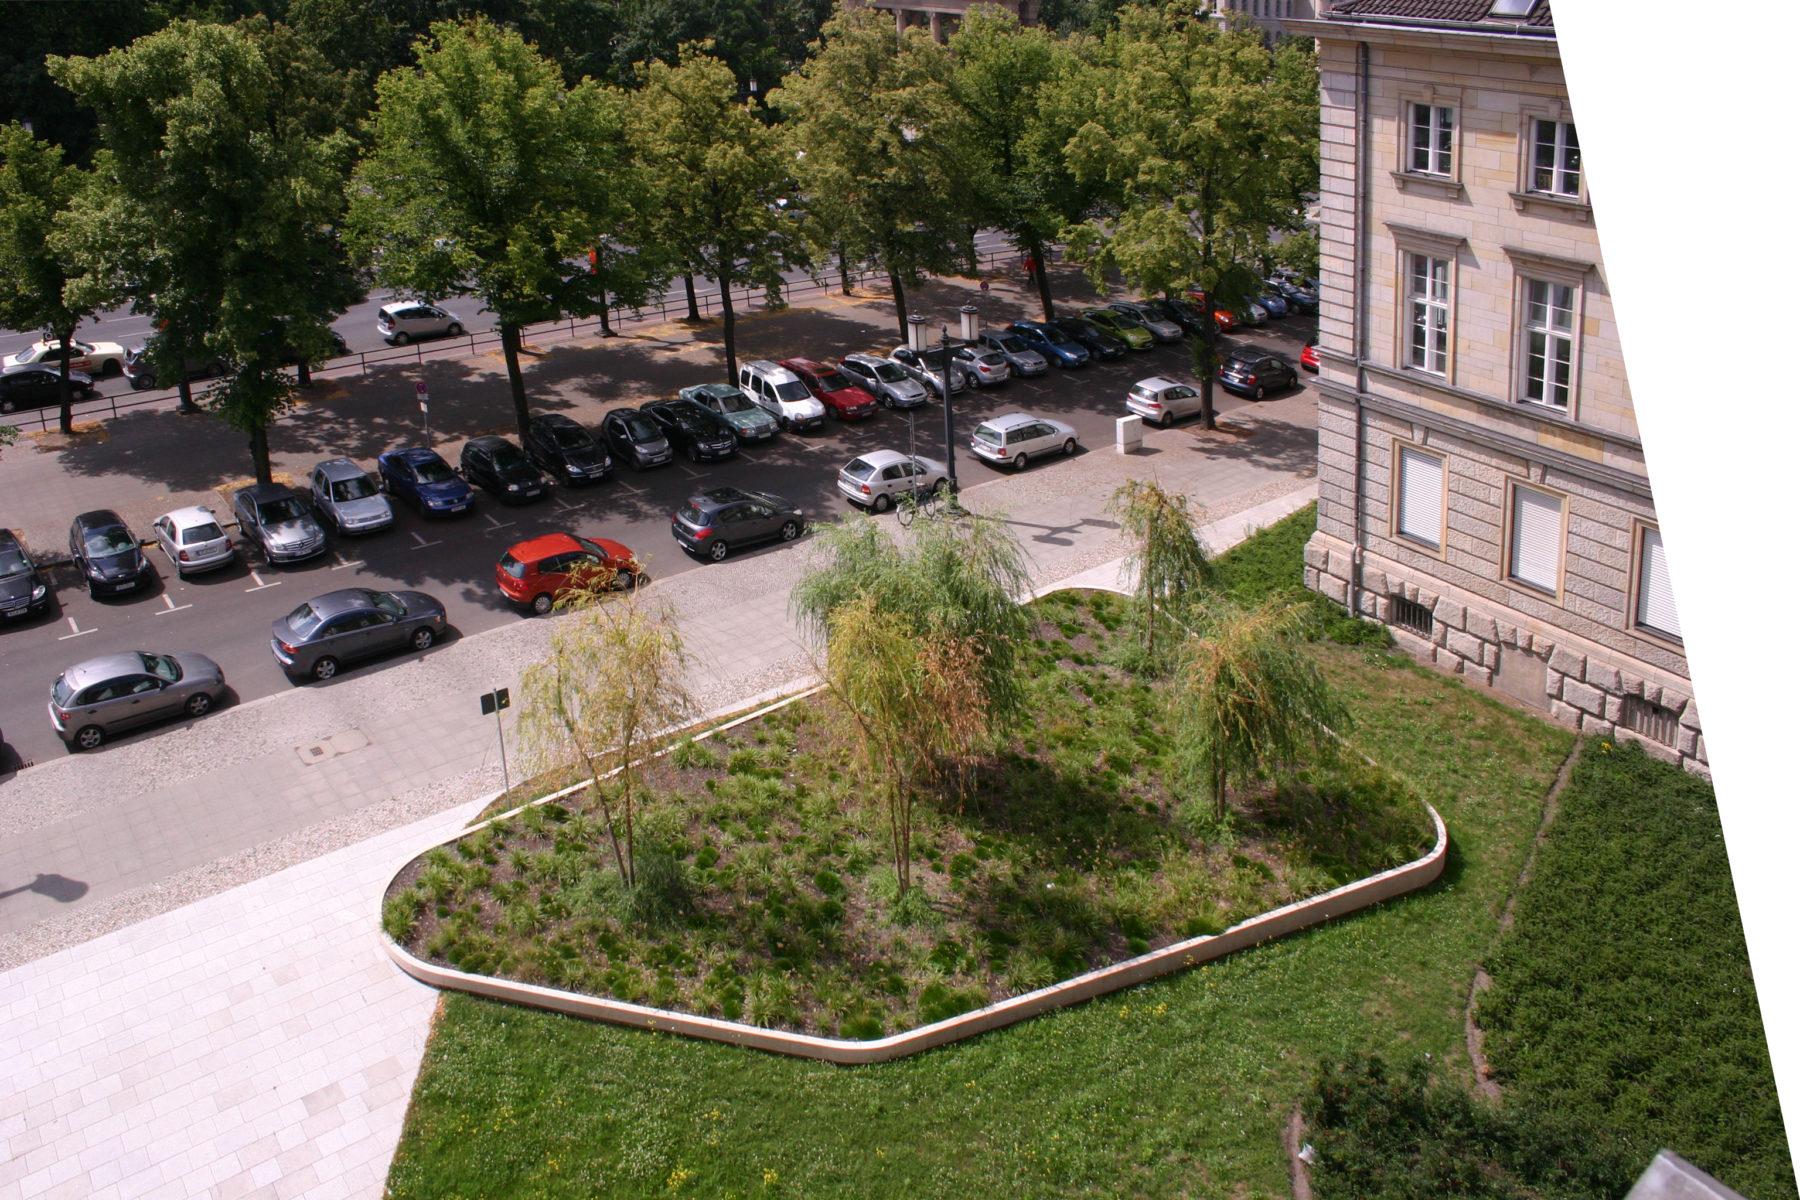 STrauma Landschaftsarchitektur Berlin landscape architects Ernst Reuter Haus Berlin Park Gartenelement